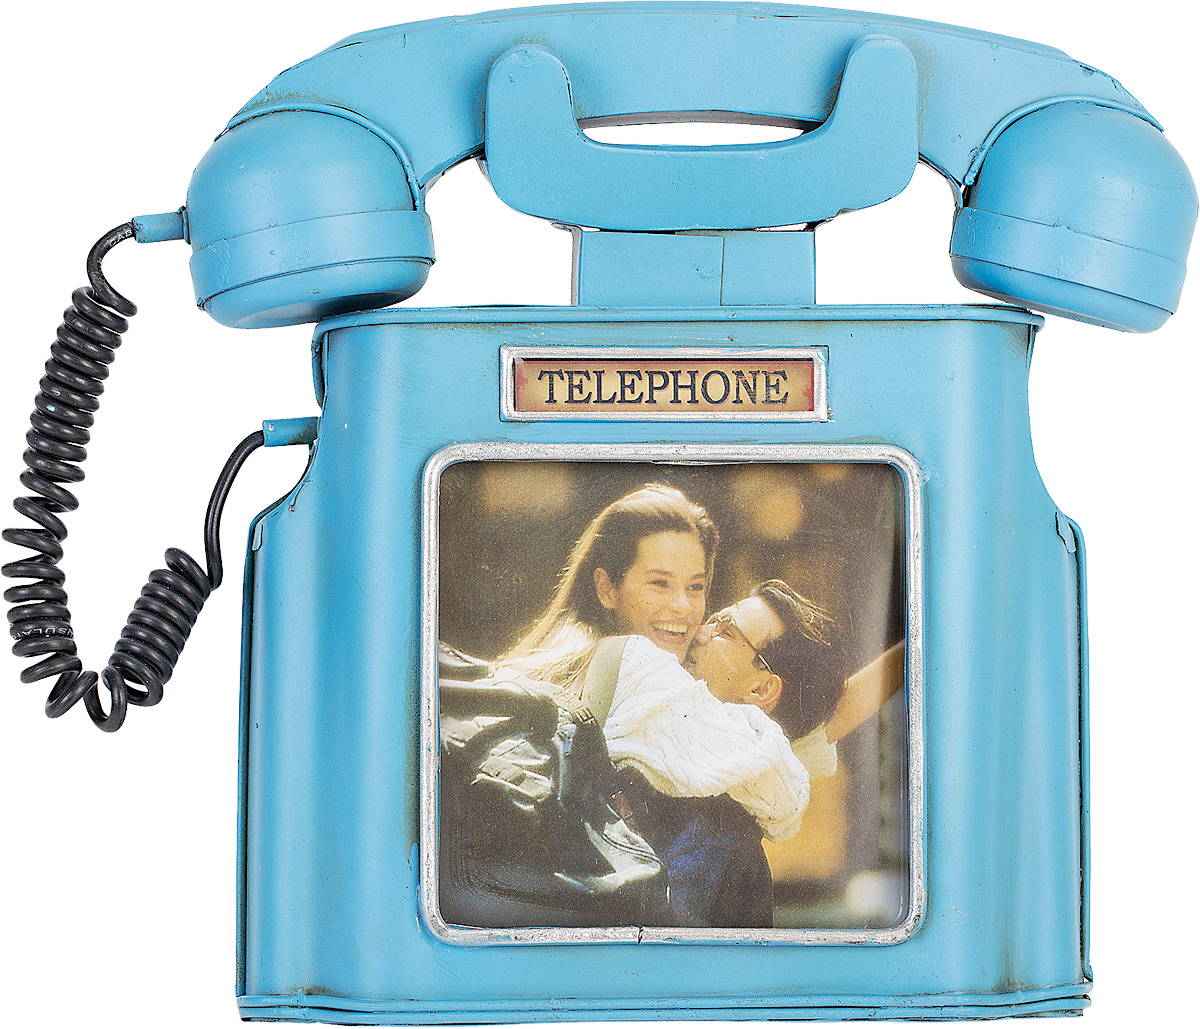 Фоторамка Platinum Телефон, 10 х 10 см46450 AP202328SAФоторамка Platinum Телефон выполнена в классическом стиле из высококачественного металла. Такая фоторамка поможет вам оригинально и стильно дополнить интерьер помещения, а также позволит сохранить память о дорогих вам людях и интересных событиях вашей жизни.